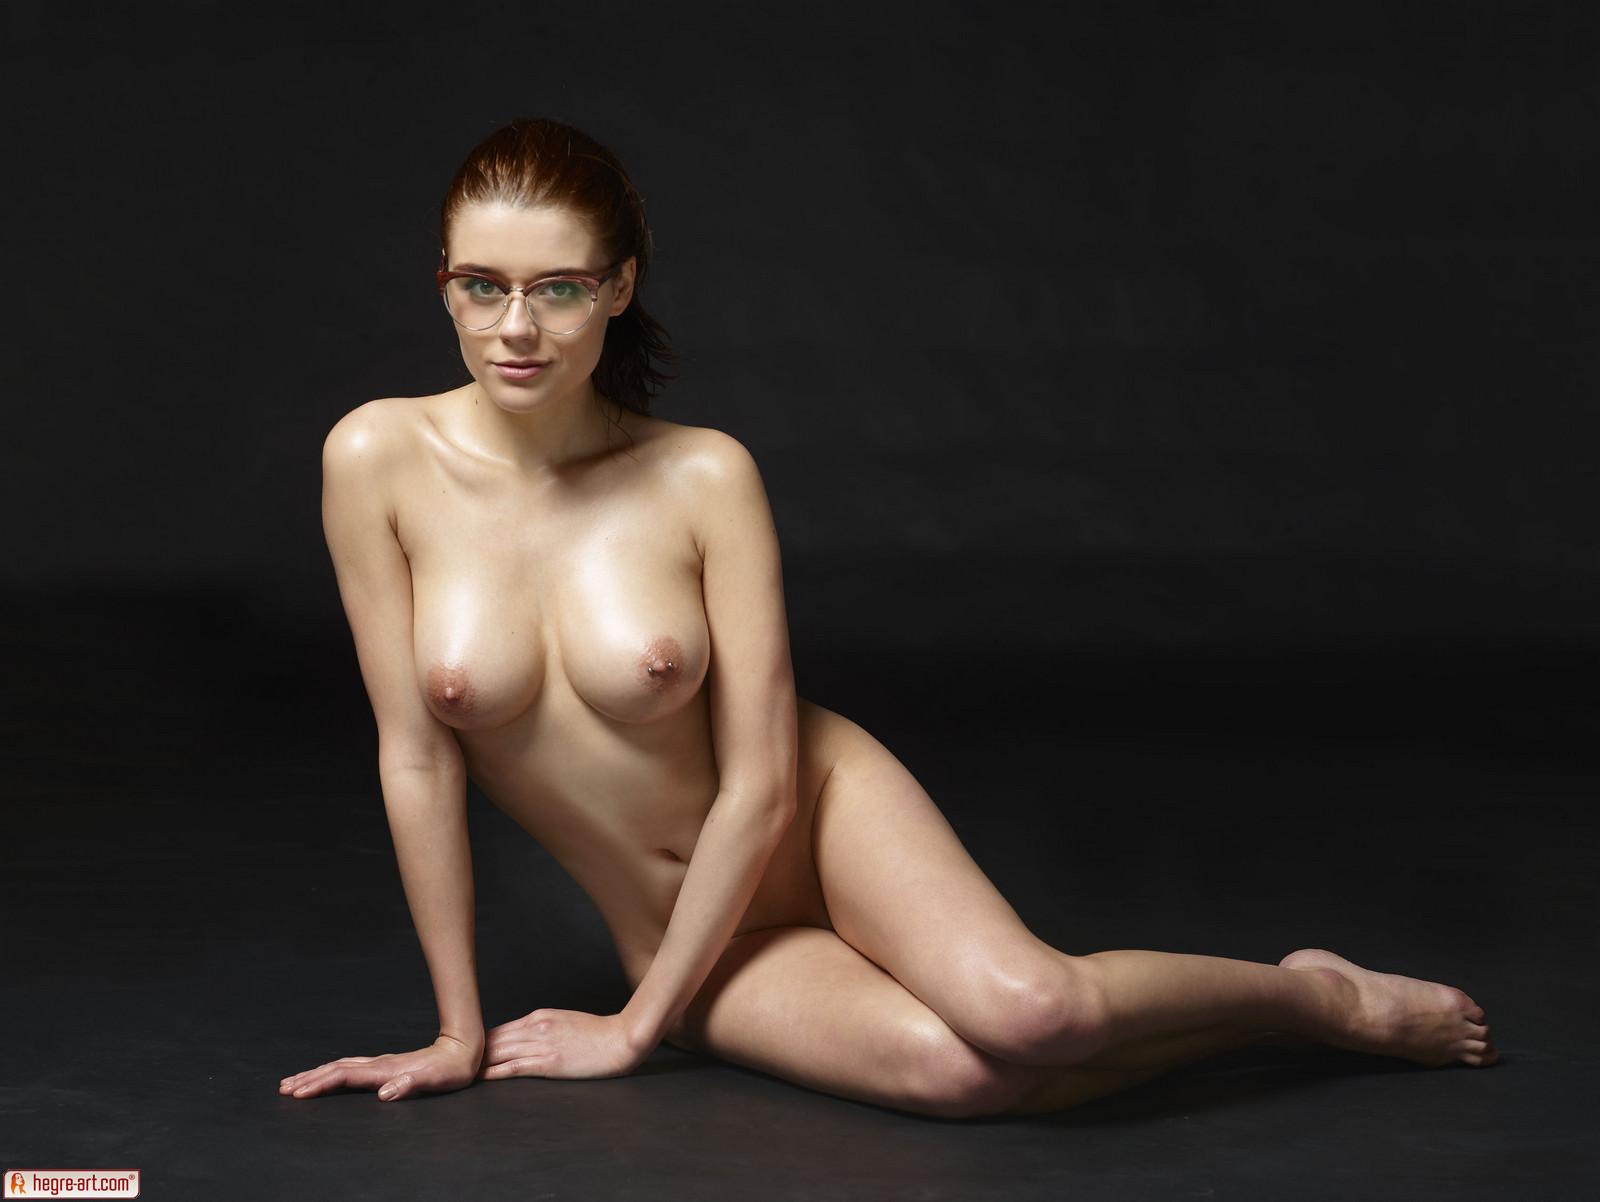 Zdjęcie porno - 1023 - Boskie ciało rudej pani